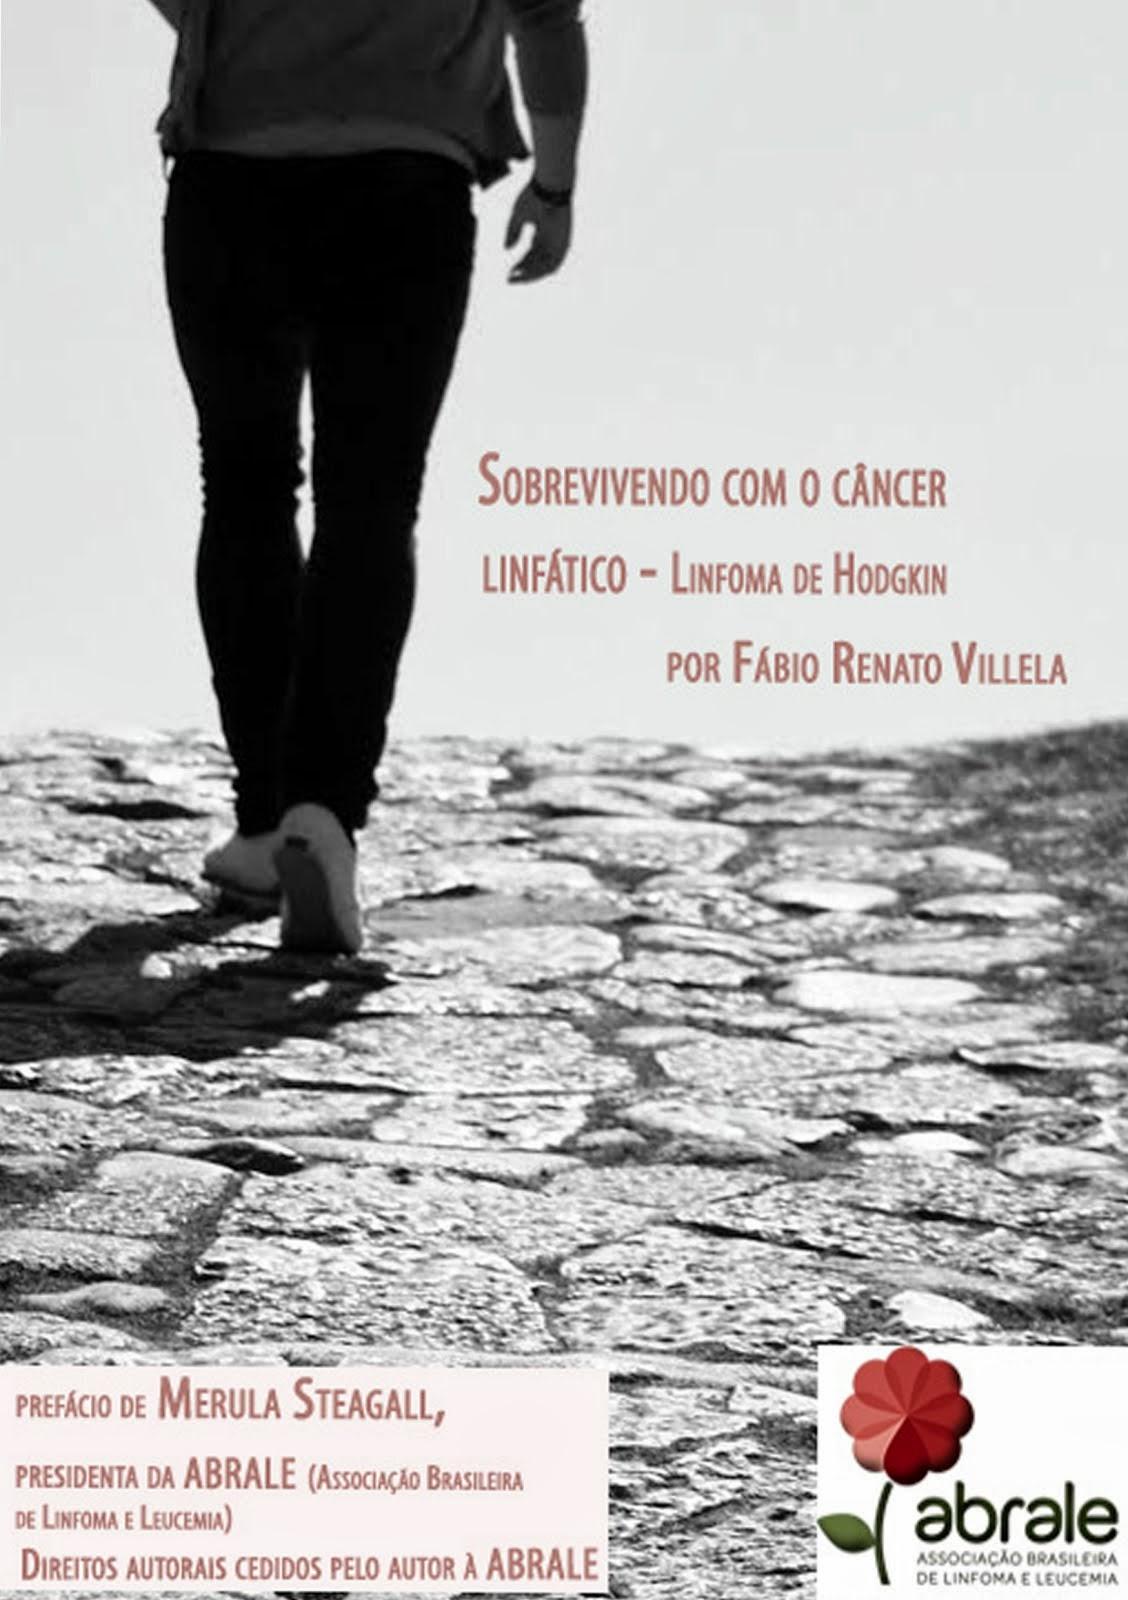 Sob. com o Câncer - 2ª Edição